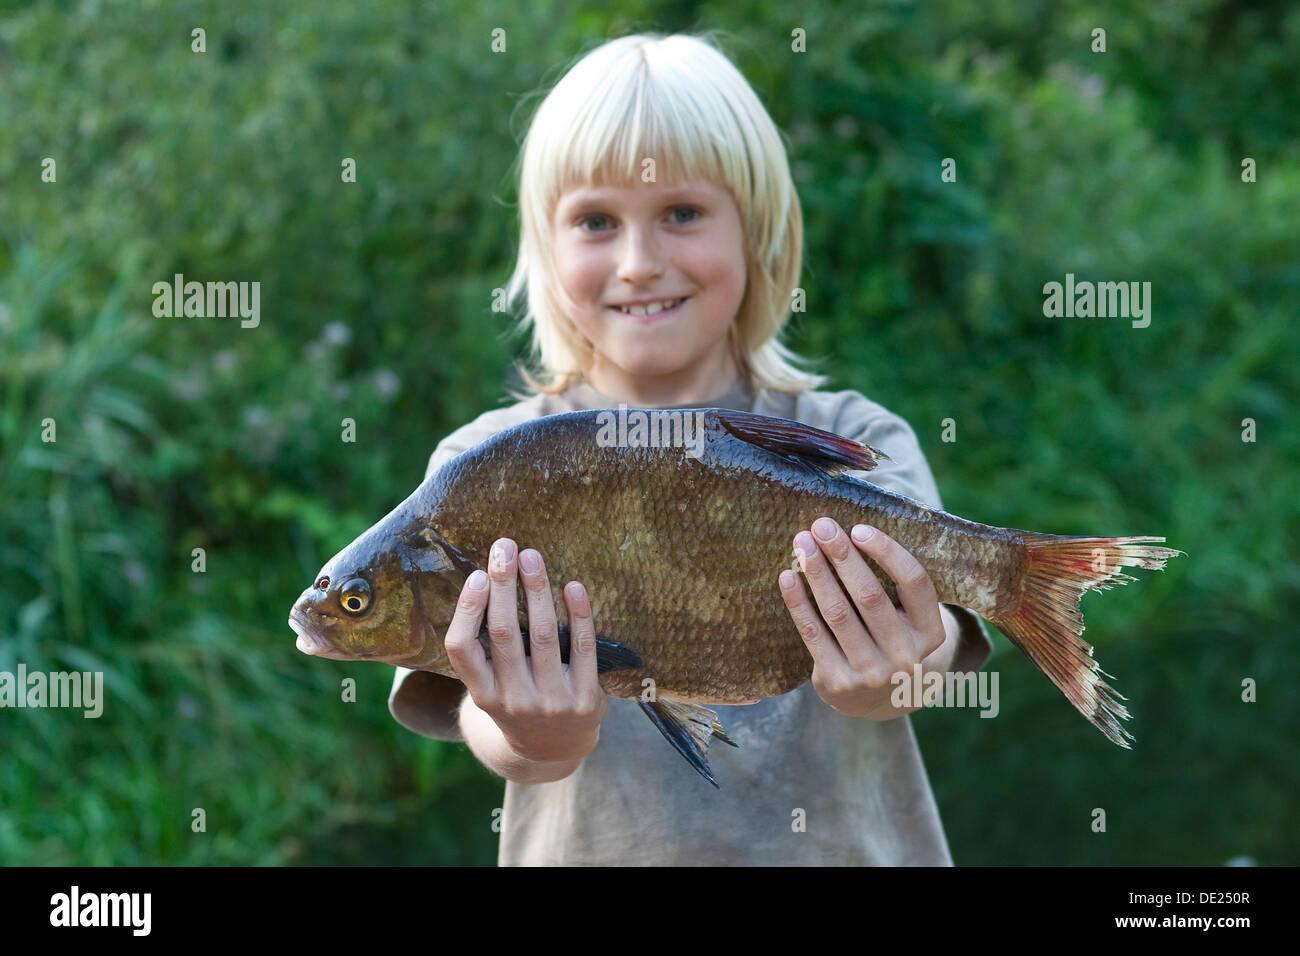 Freshwater carp - photo#40